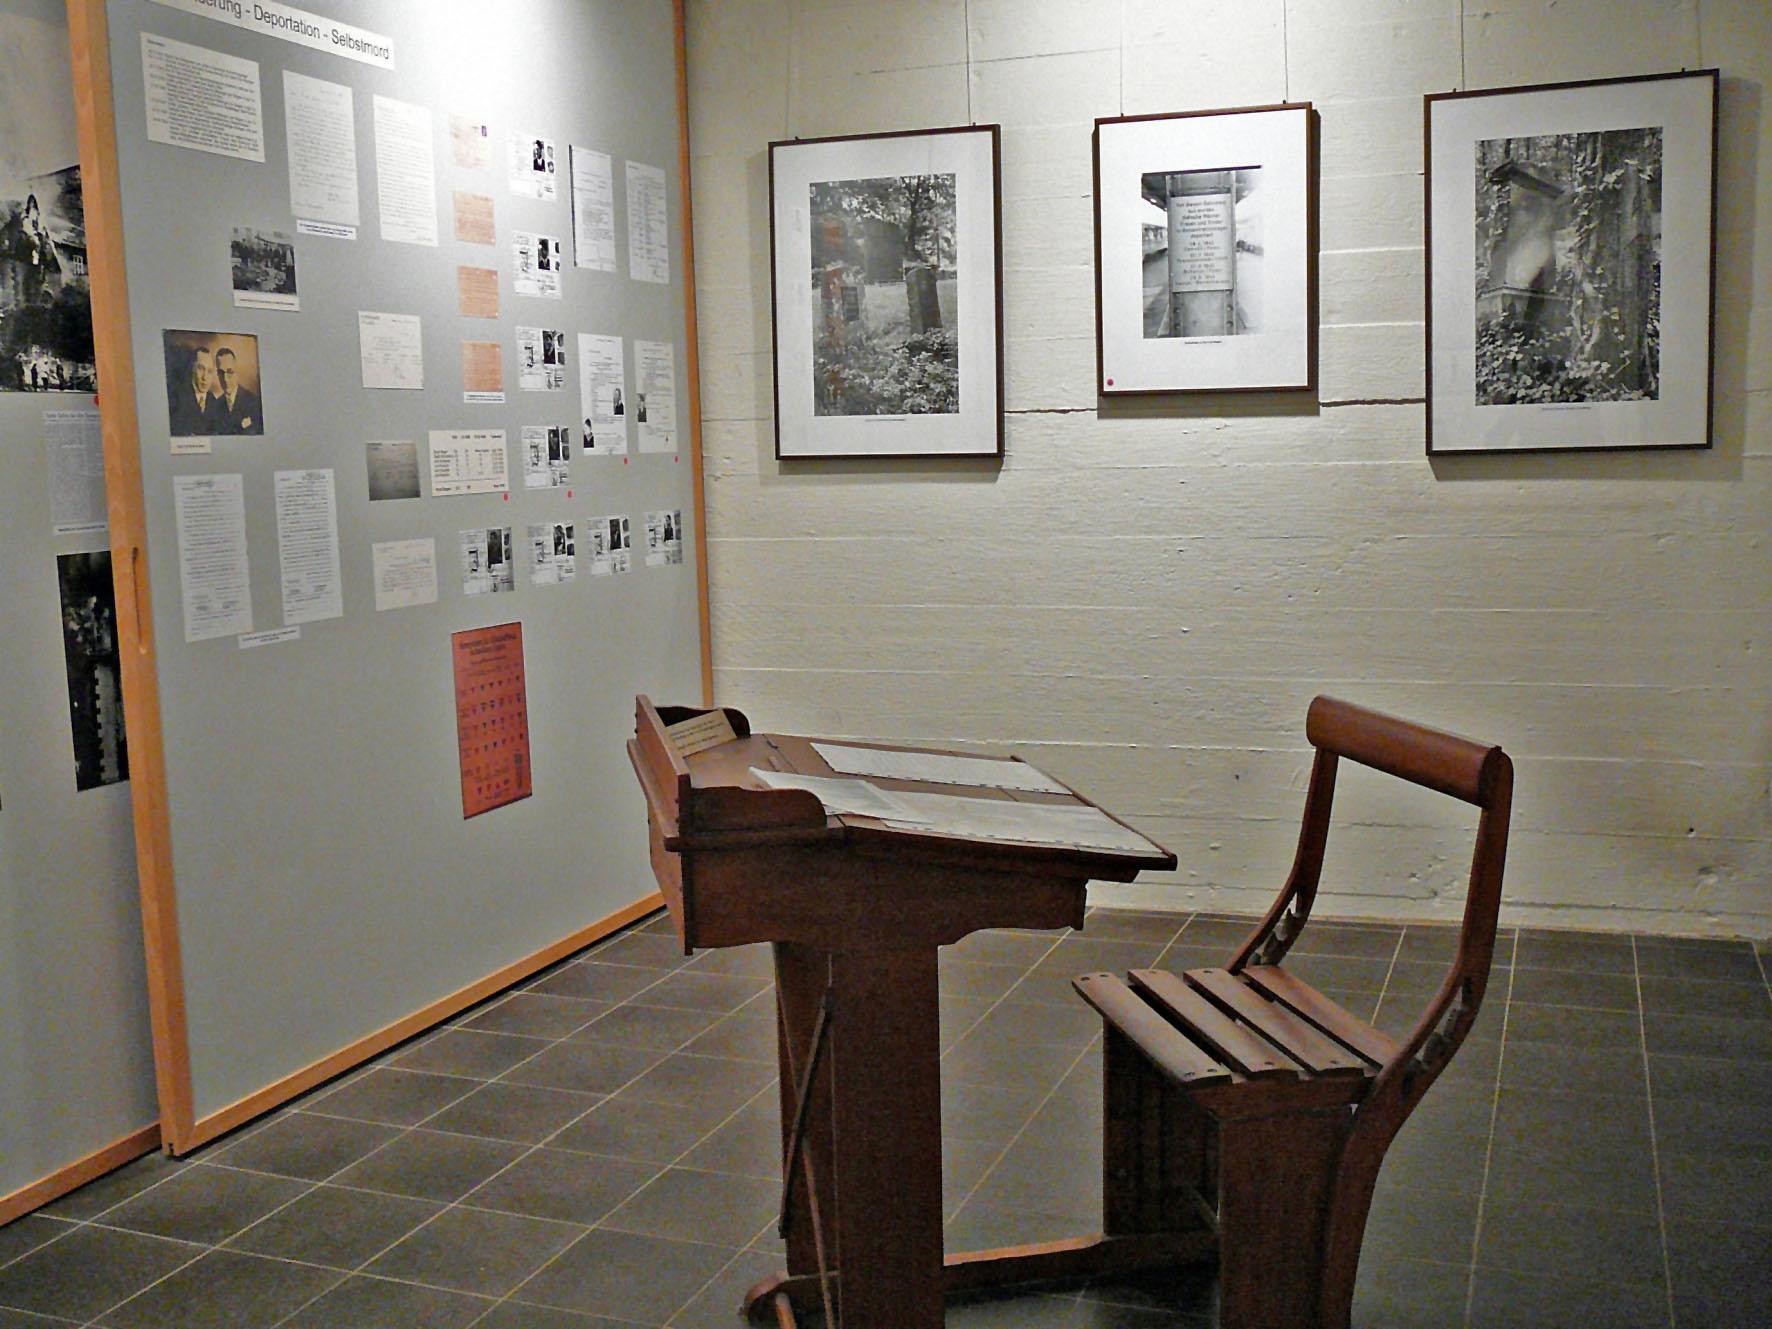 Ein altes, hölzernes Schreipult mit Sitzbank im Vordergrund, Ausstellungstafeln im Hintergrund.